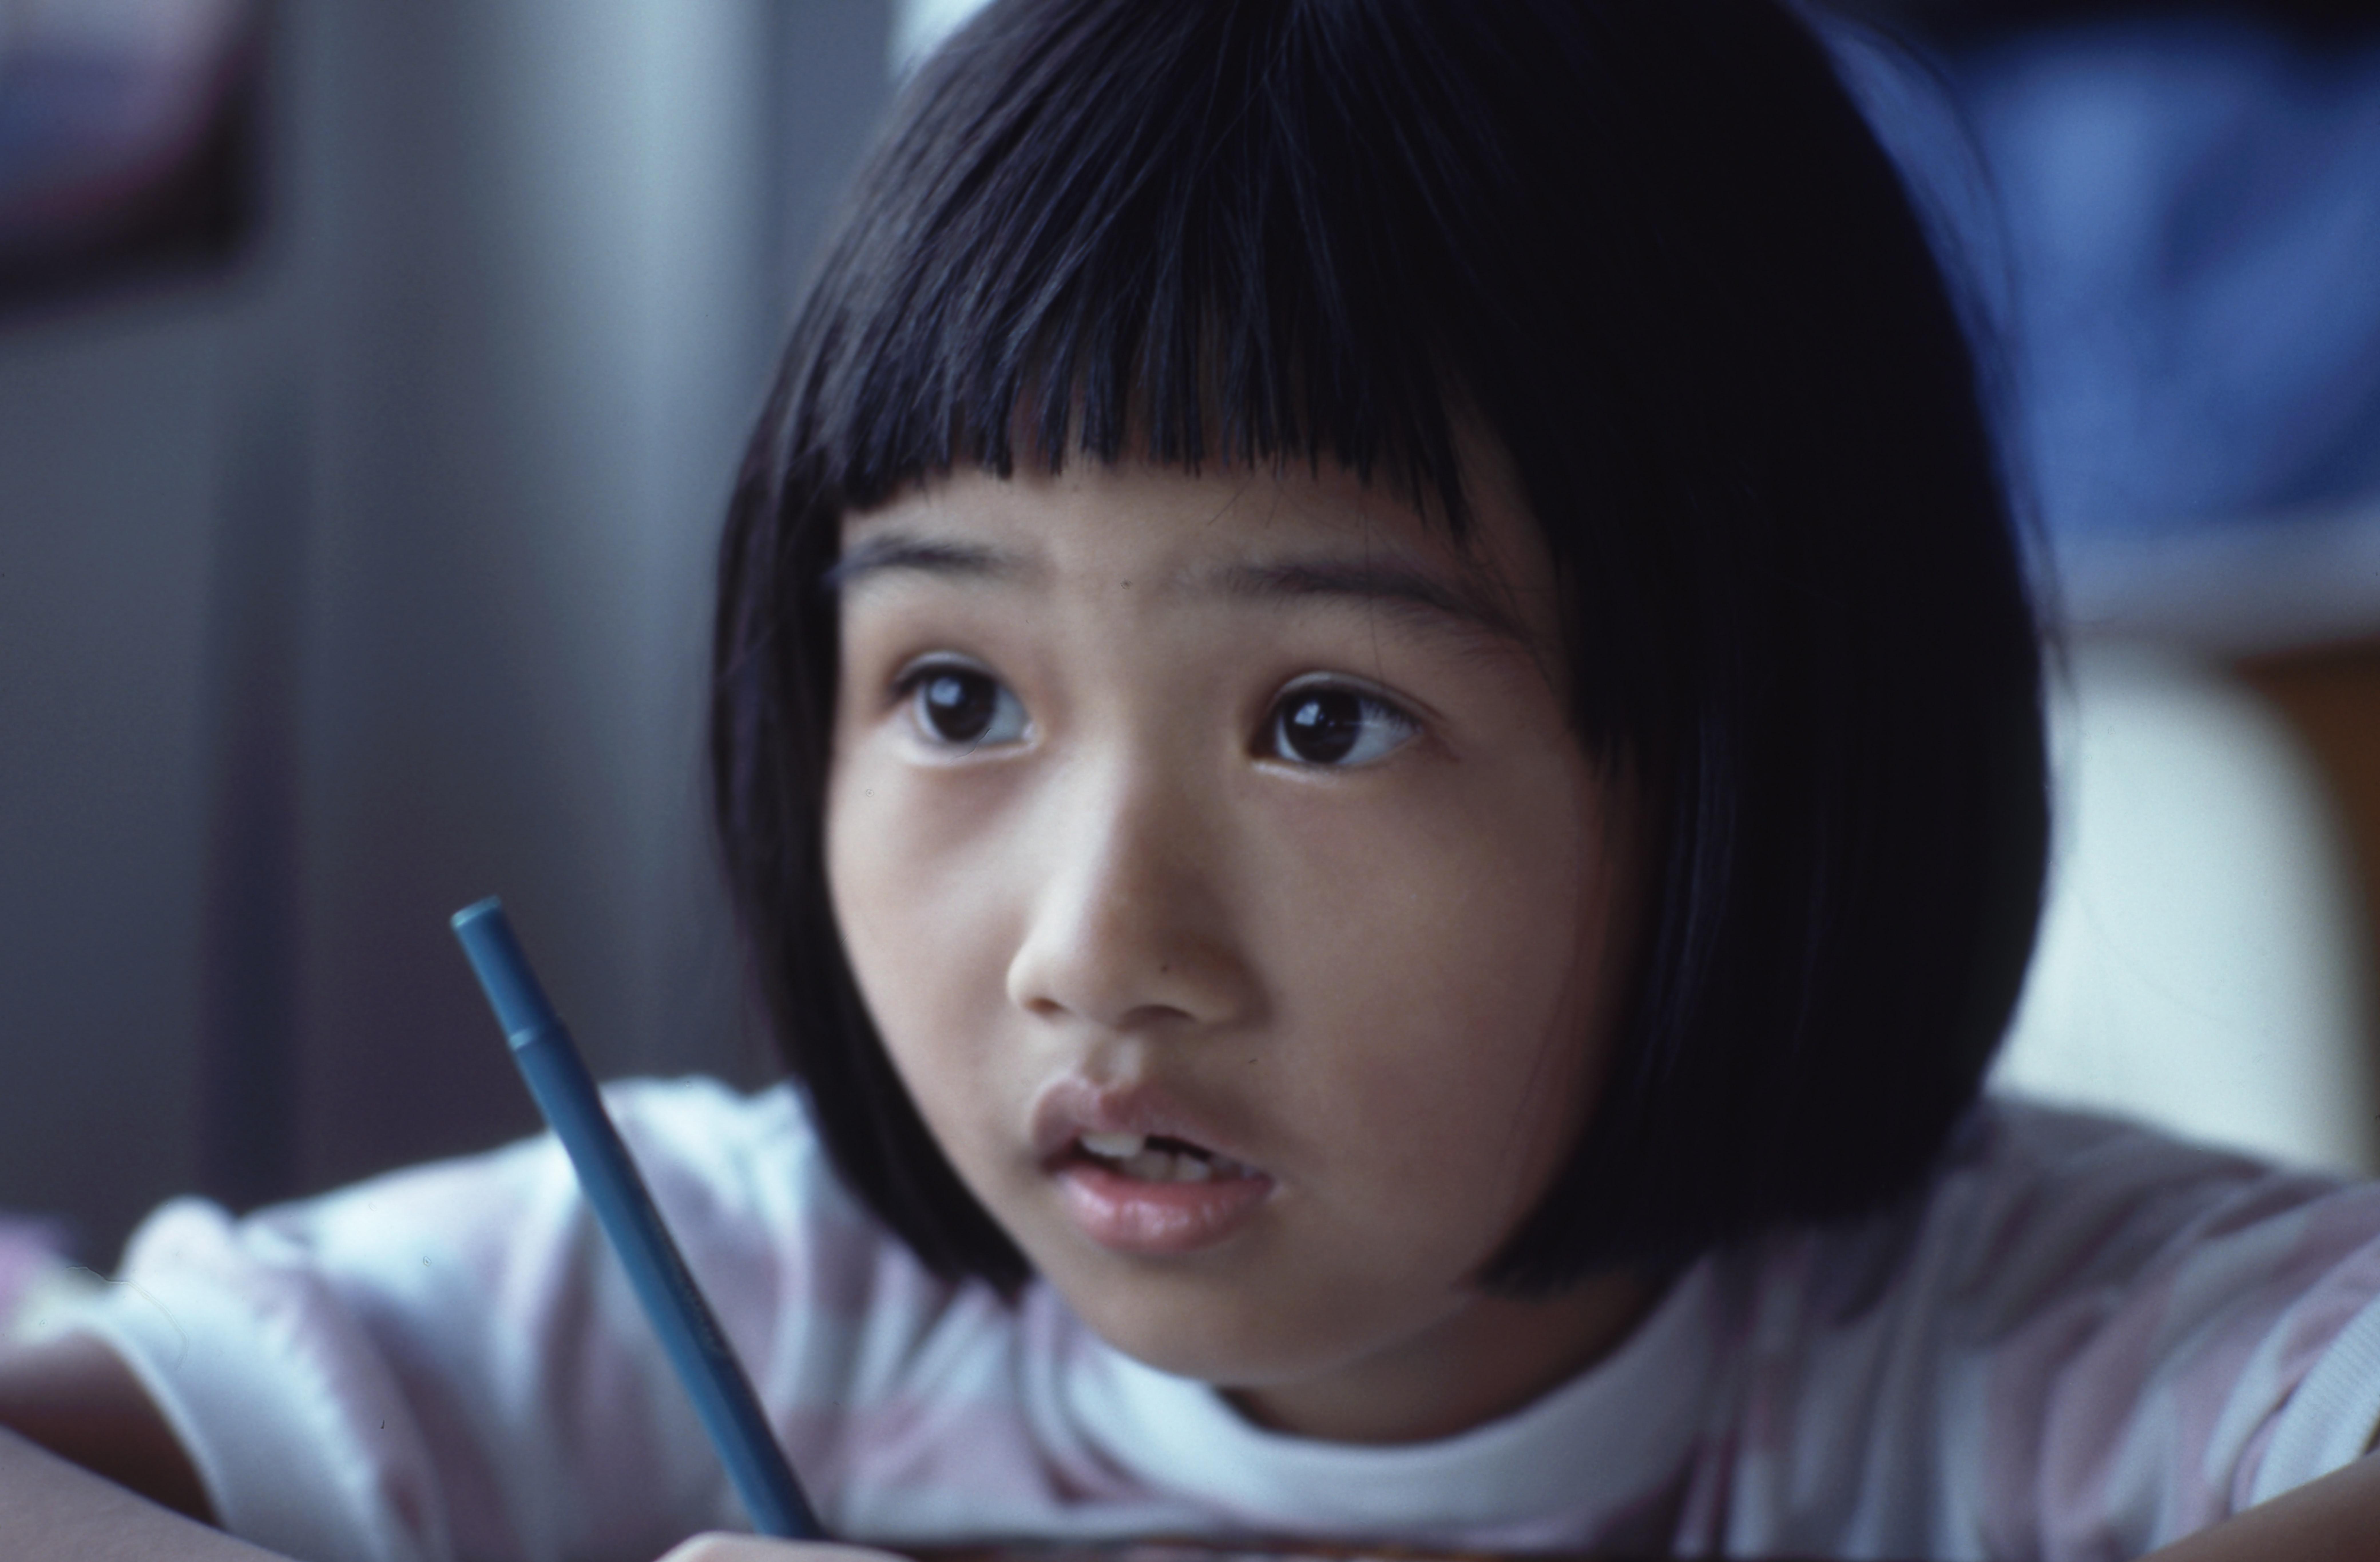 The Right Financial Decisions For Your Child's Education During This Pandemic – Ano Ba Ang Tamang Paraan Ng Pag Gastos Sa Pag Aaral Ng Anak Natin Ngayon Taon